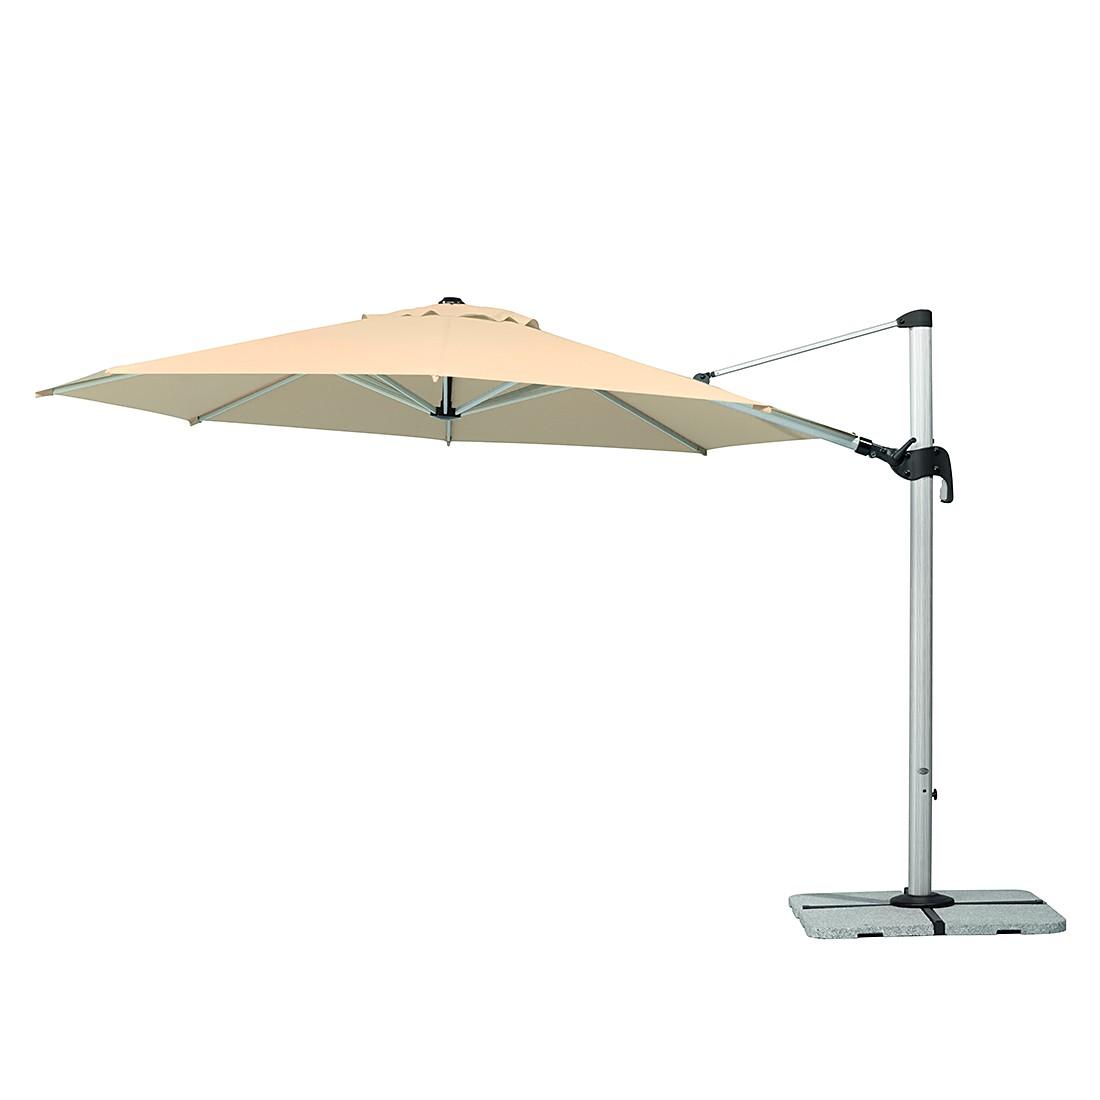 Barbados 350 Sonnenschirm - Aluminium/Polyester - Silber/Natur, Schneider Schirme